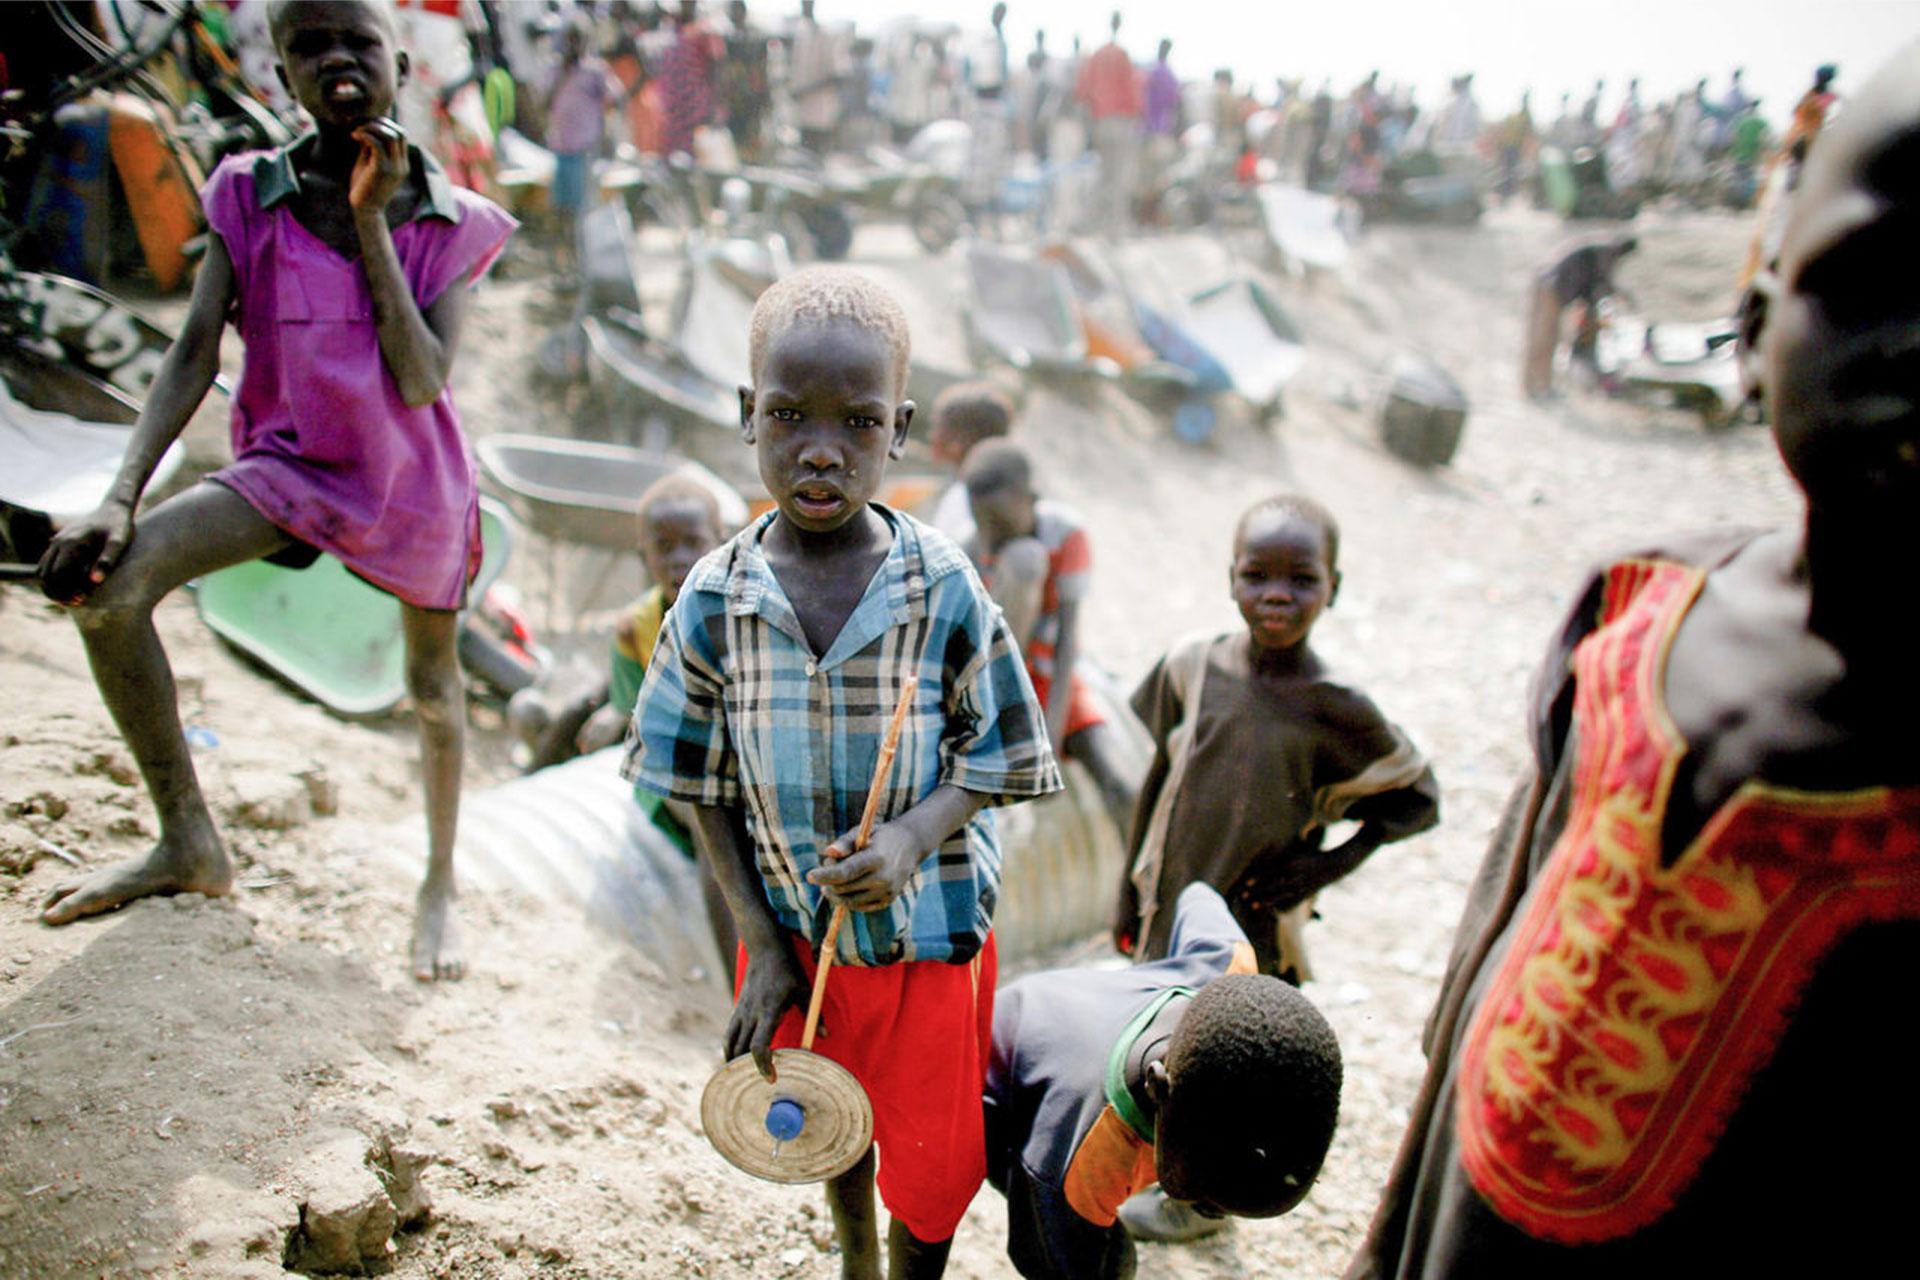 Año 2016, Sudán del Sur, en una base de las Naciones Unidas cerca de Bentiu. Decenas de miles de personas forman una fila para conseguir algo de comida